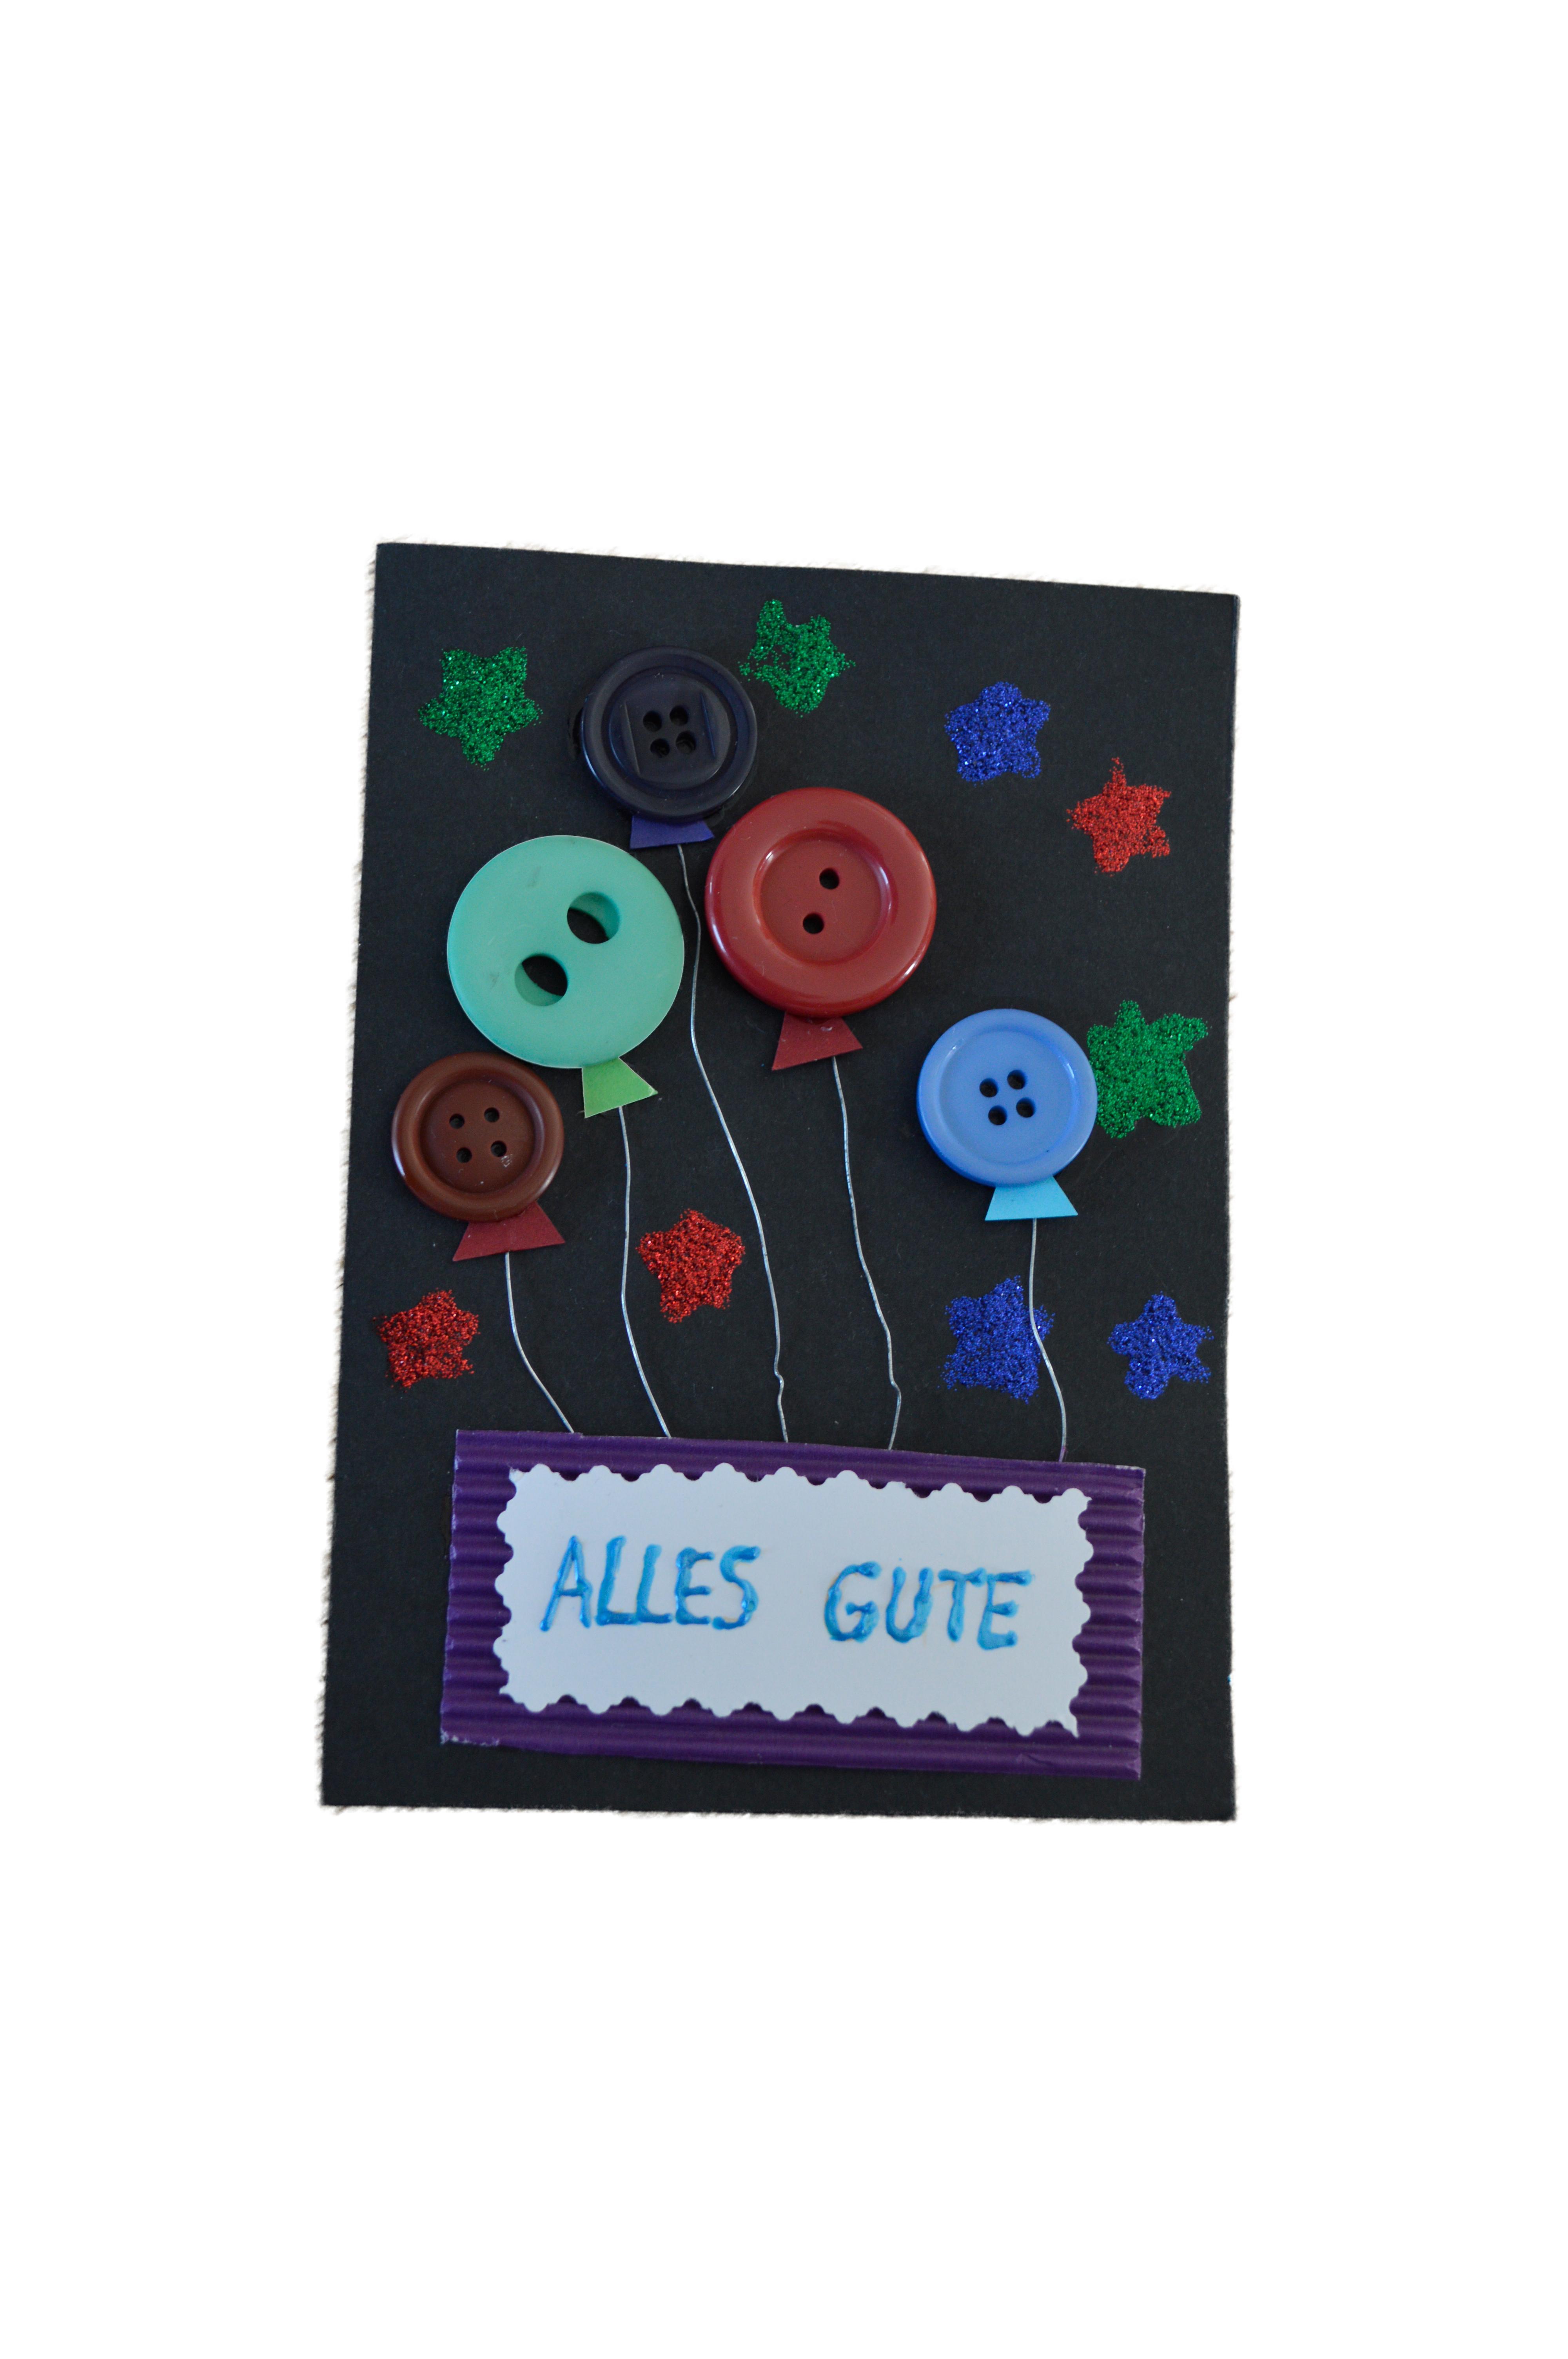 geburtstagskarte mit knopf luftballons basteln etwas knifflig. Black Bedroom Furniture Sets. Home Design Ideas